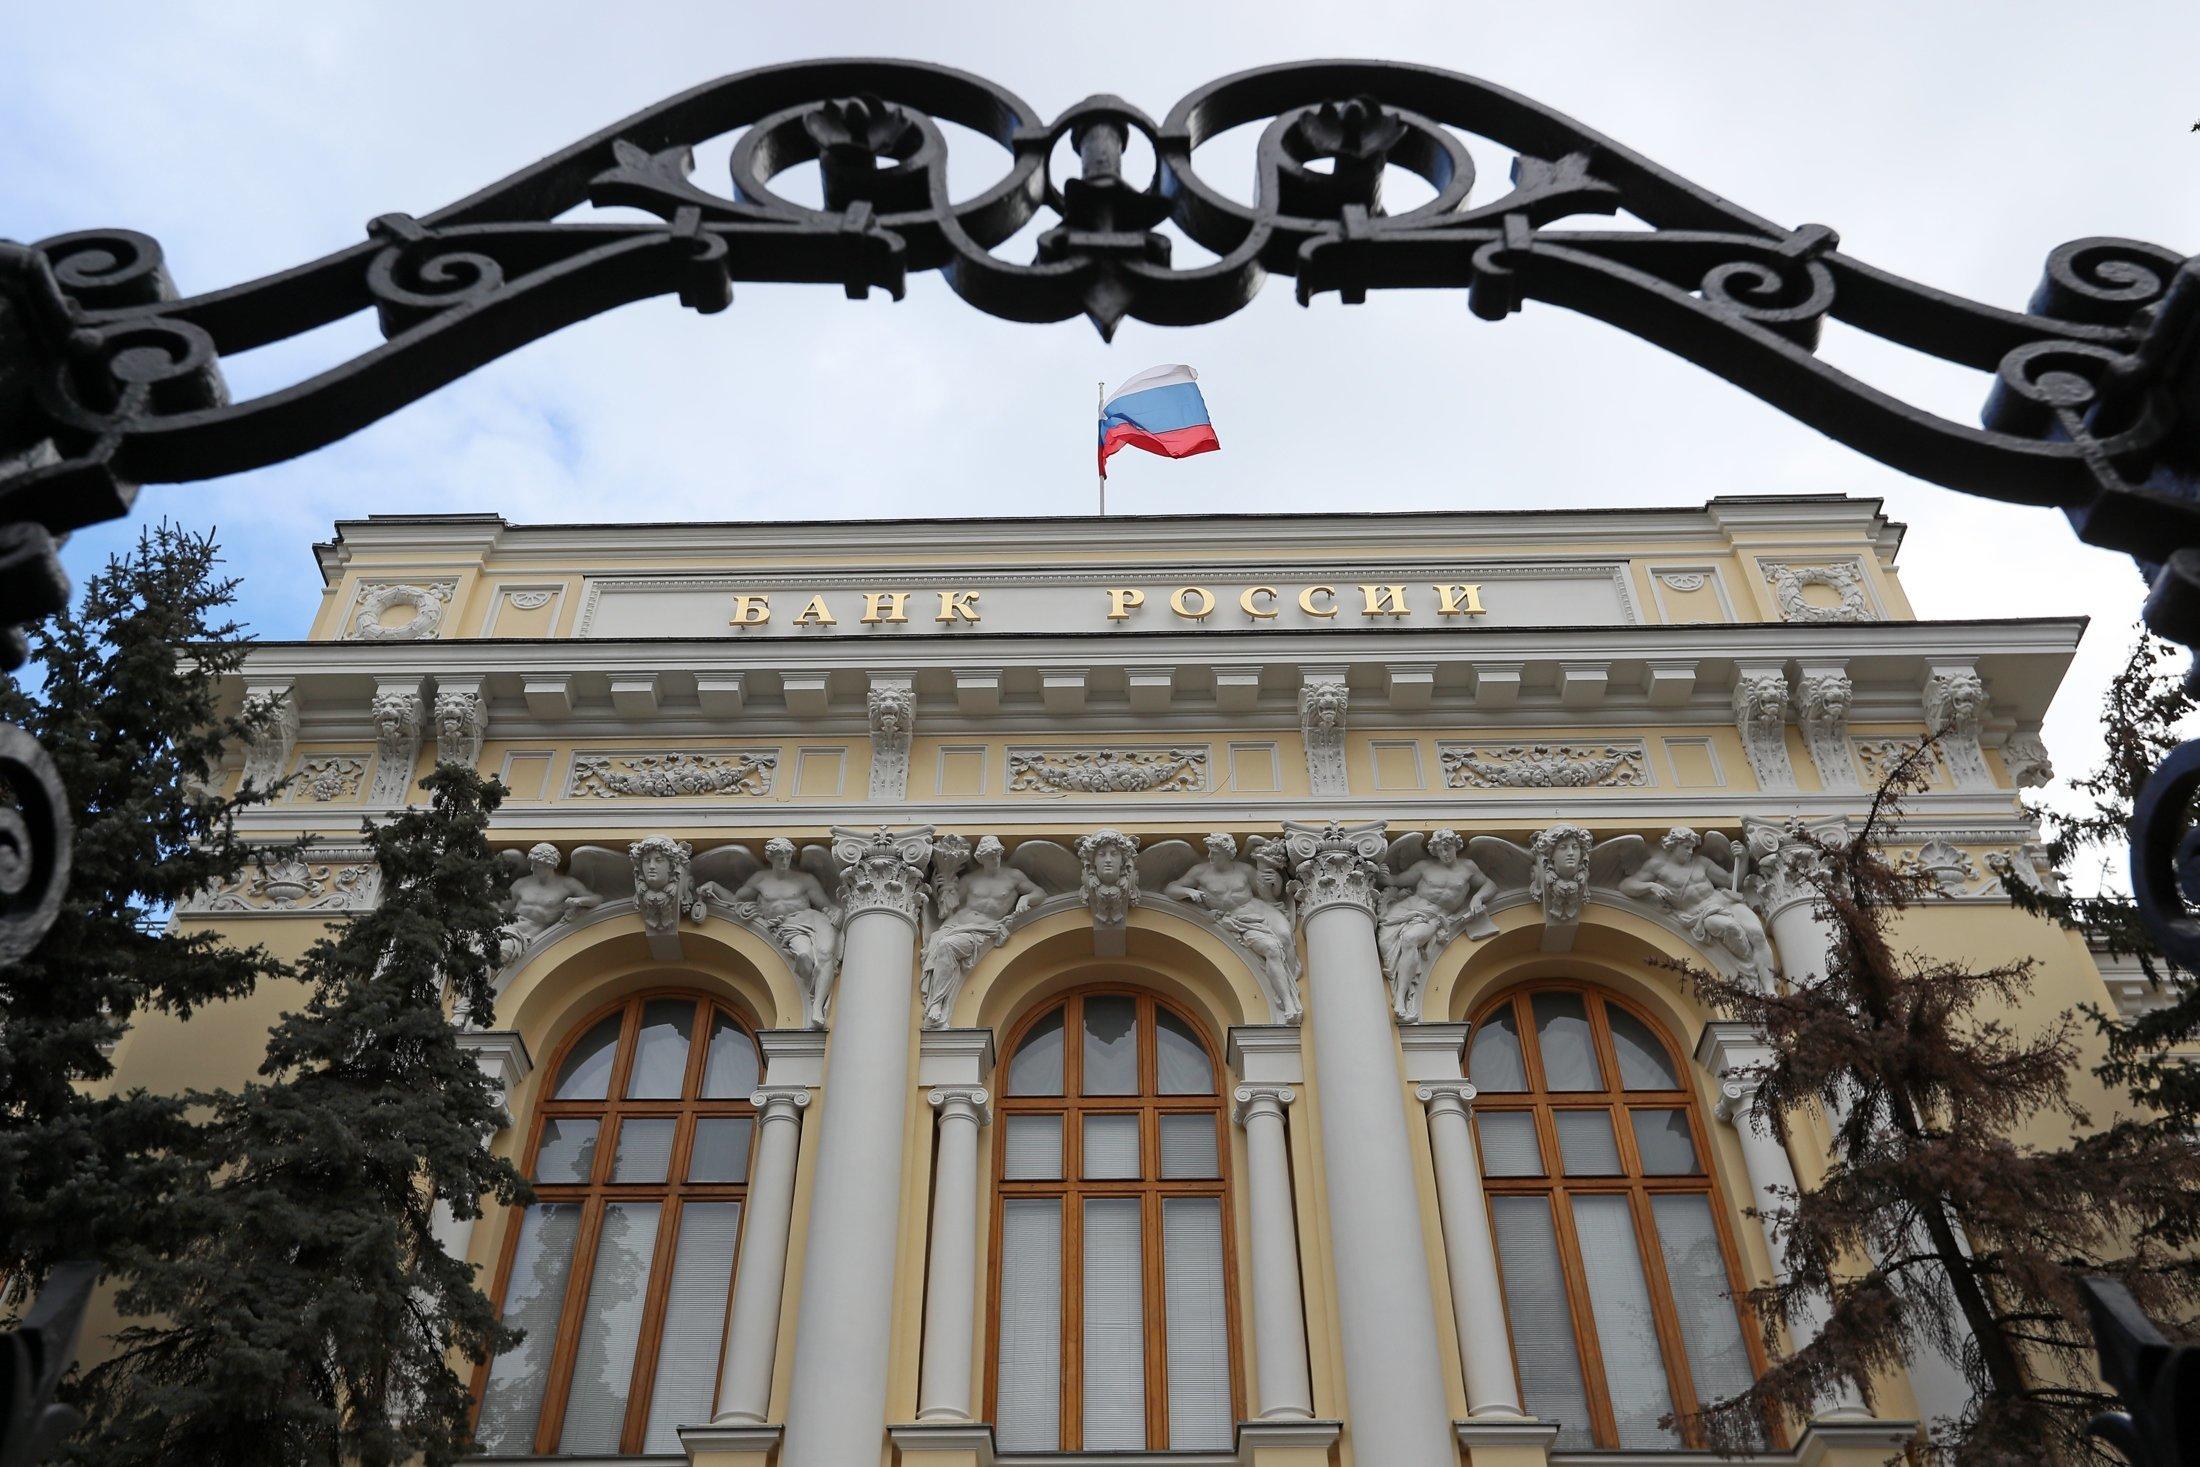 Центробанк разработал концепцию цифрового рубля. В конце года выйдет прототип, в следующем  начнутся тесты